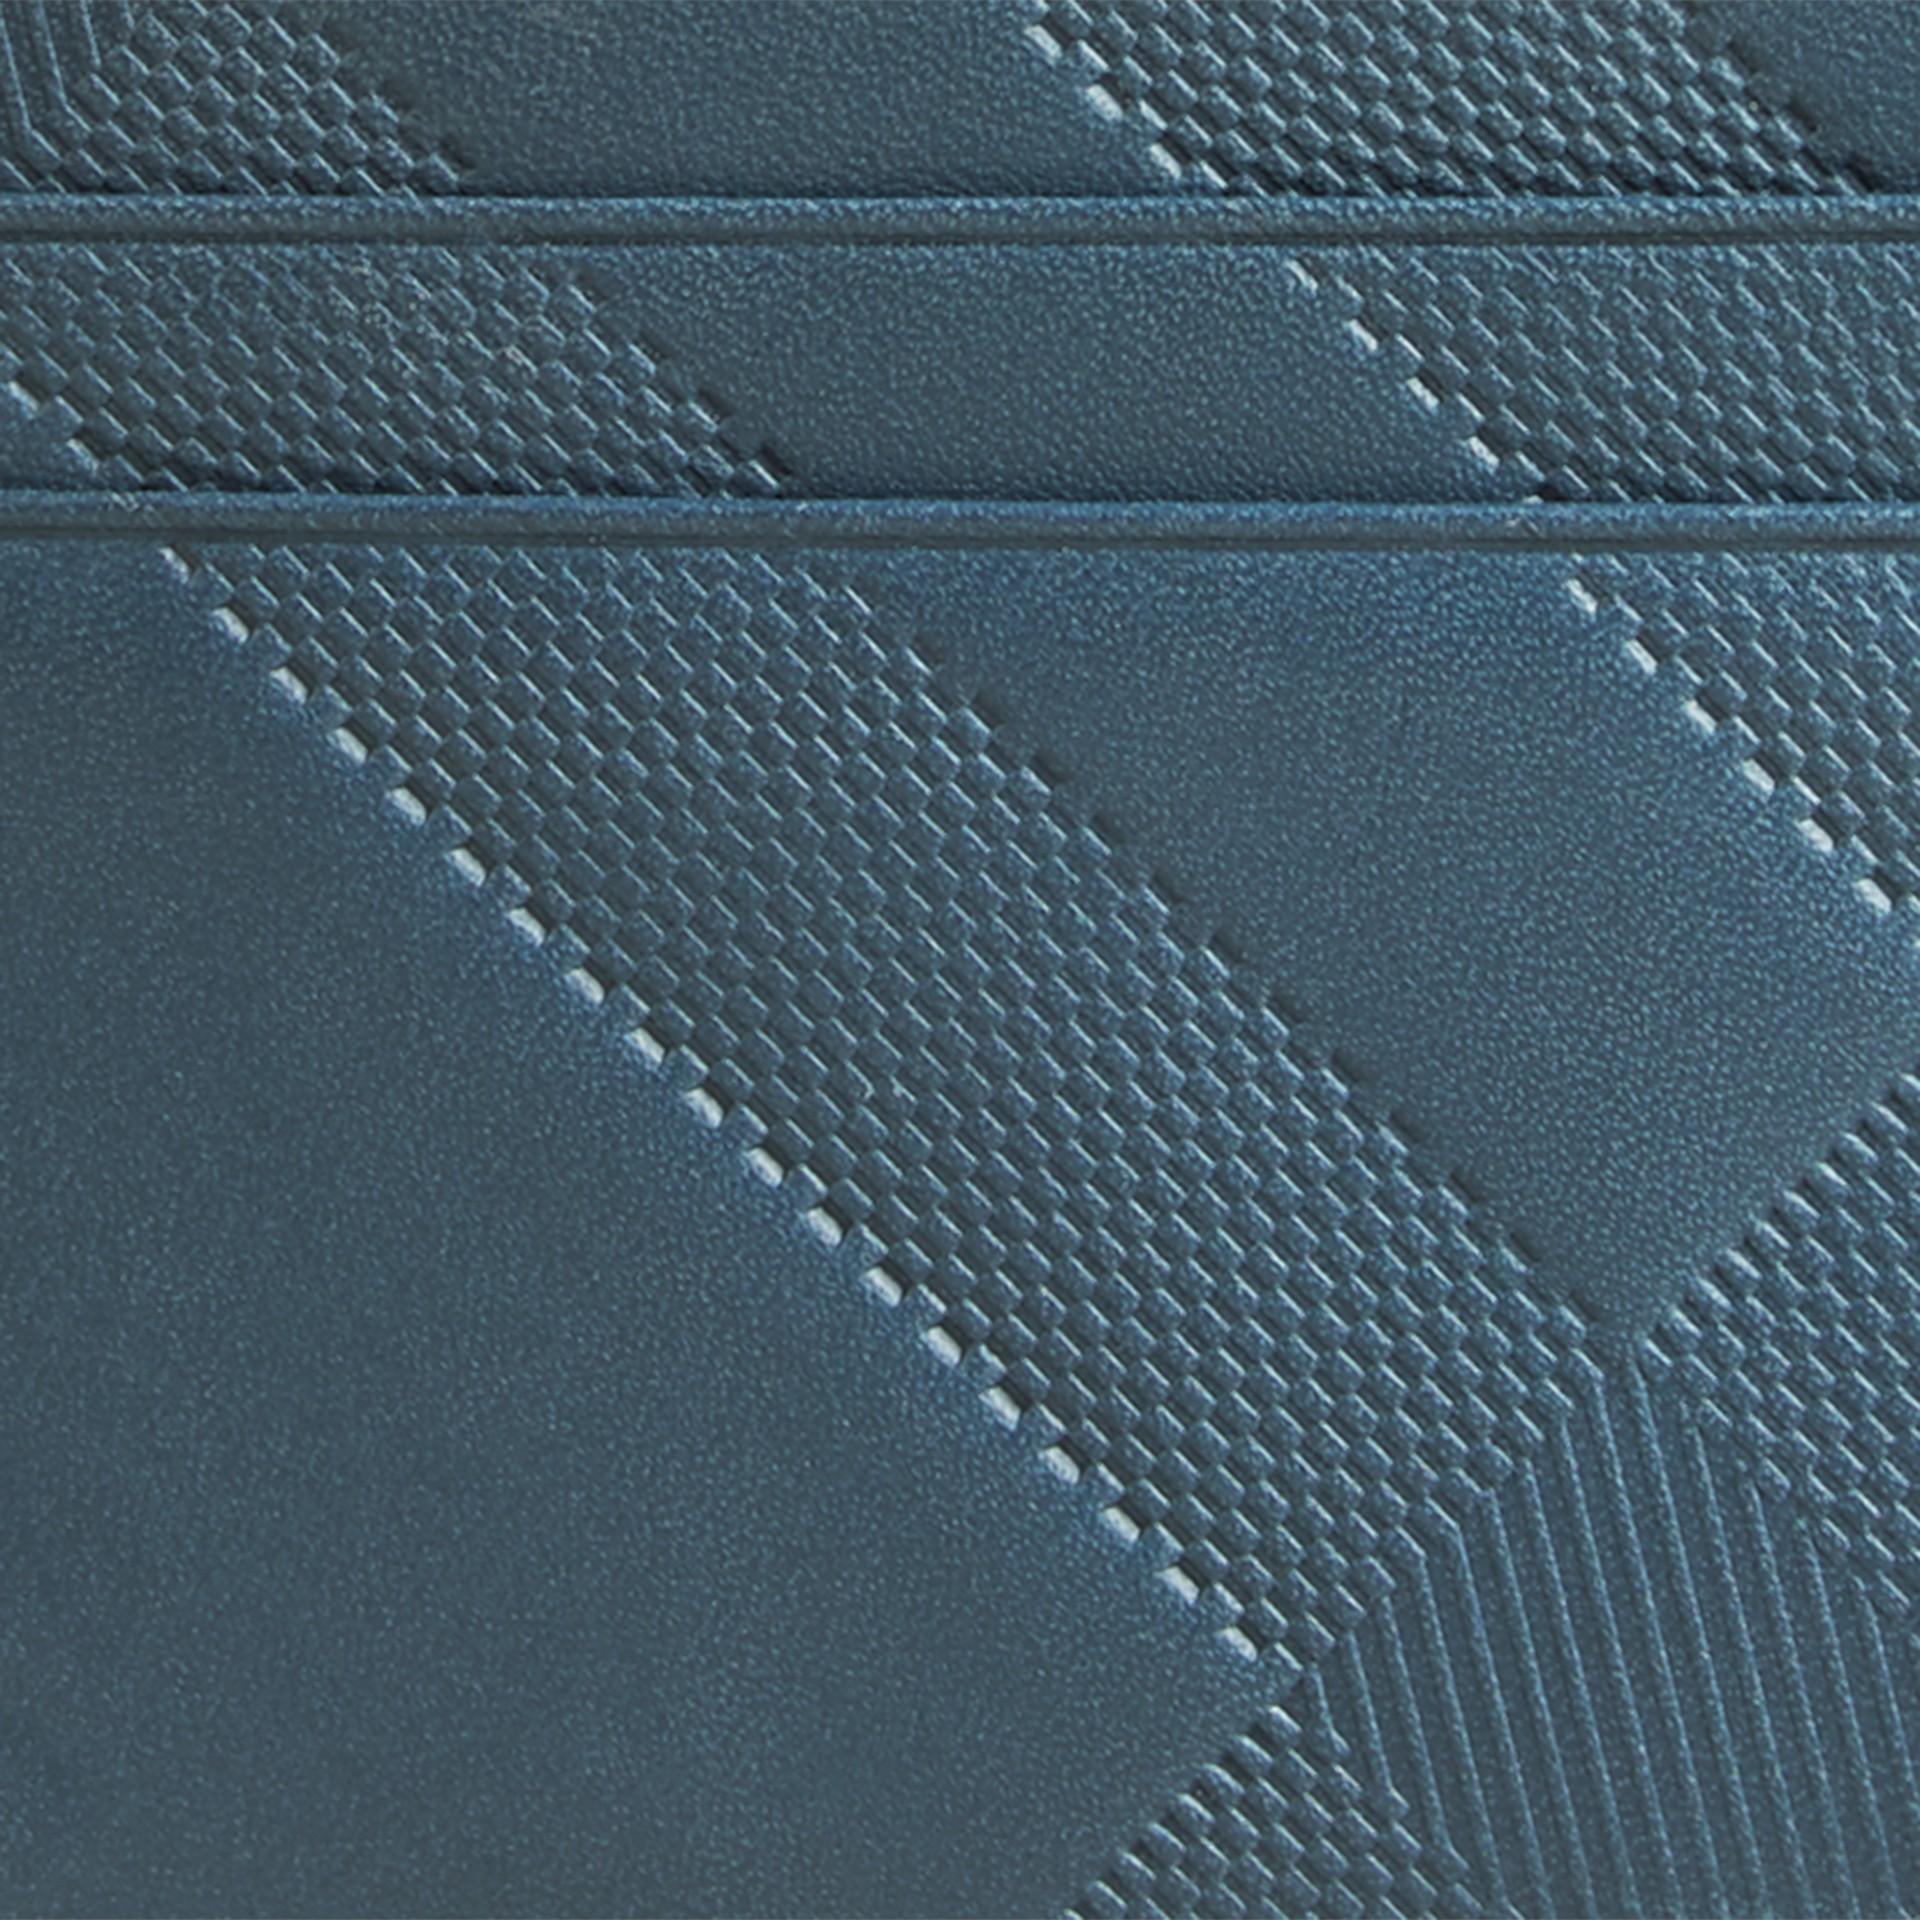 Azul acero Tarjetero en piel con checks grabados Azul Acero - imagen de la galería 2